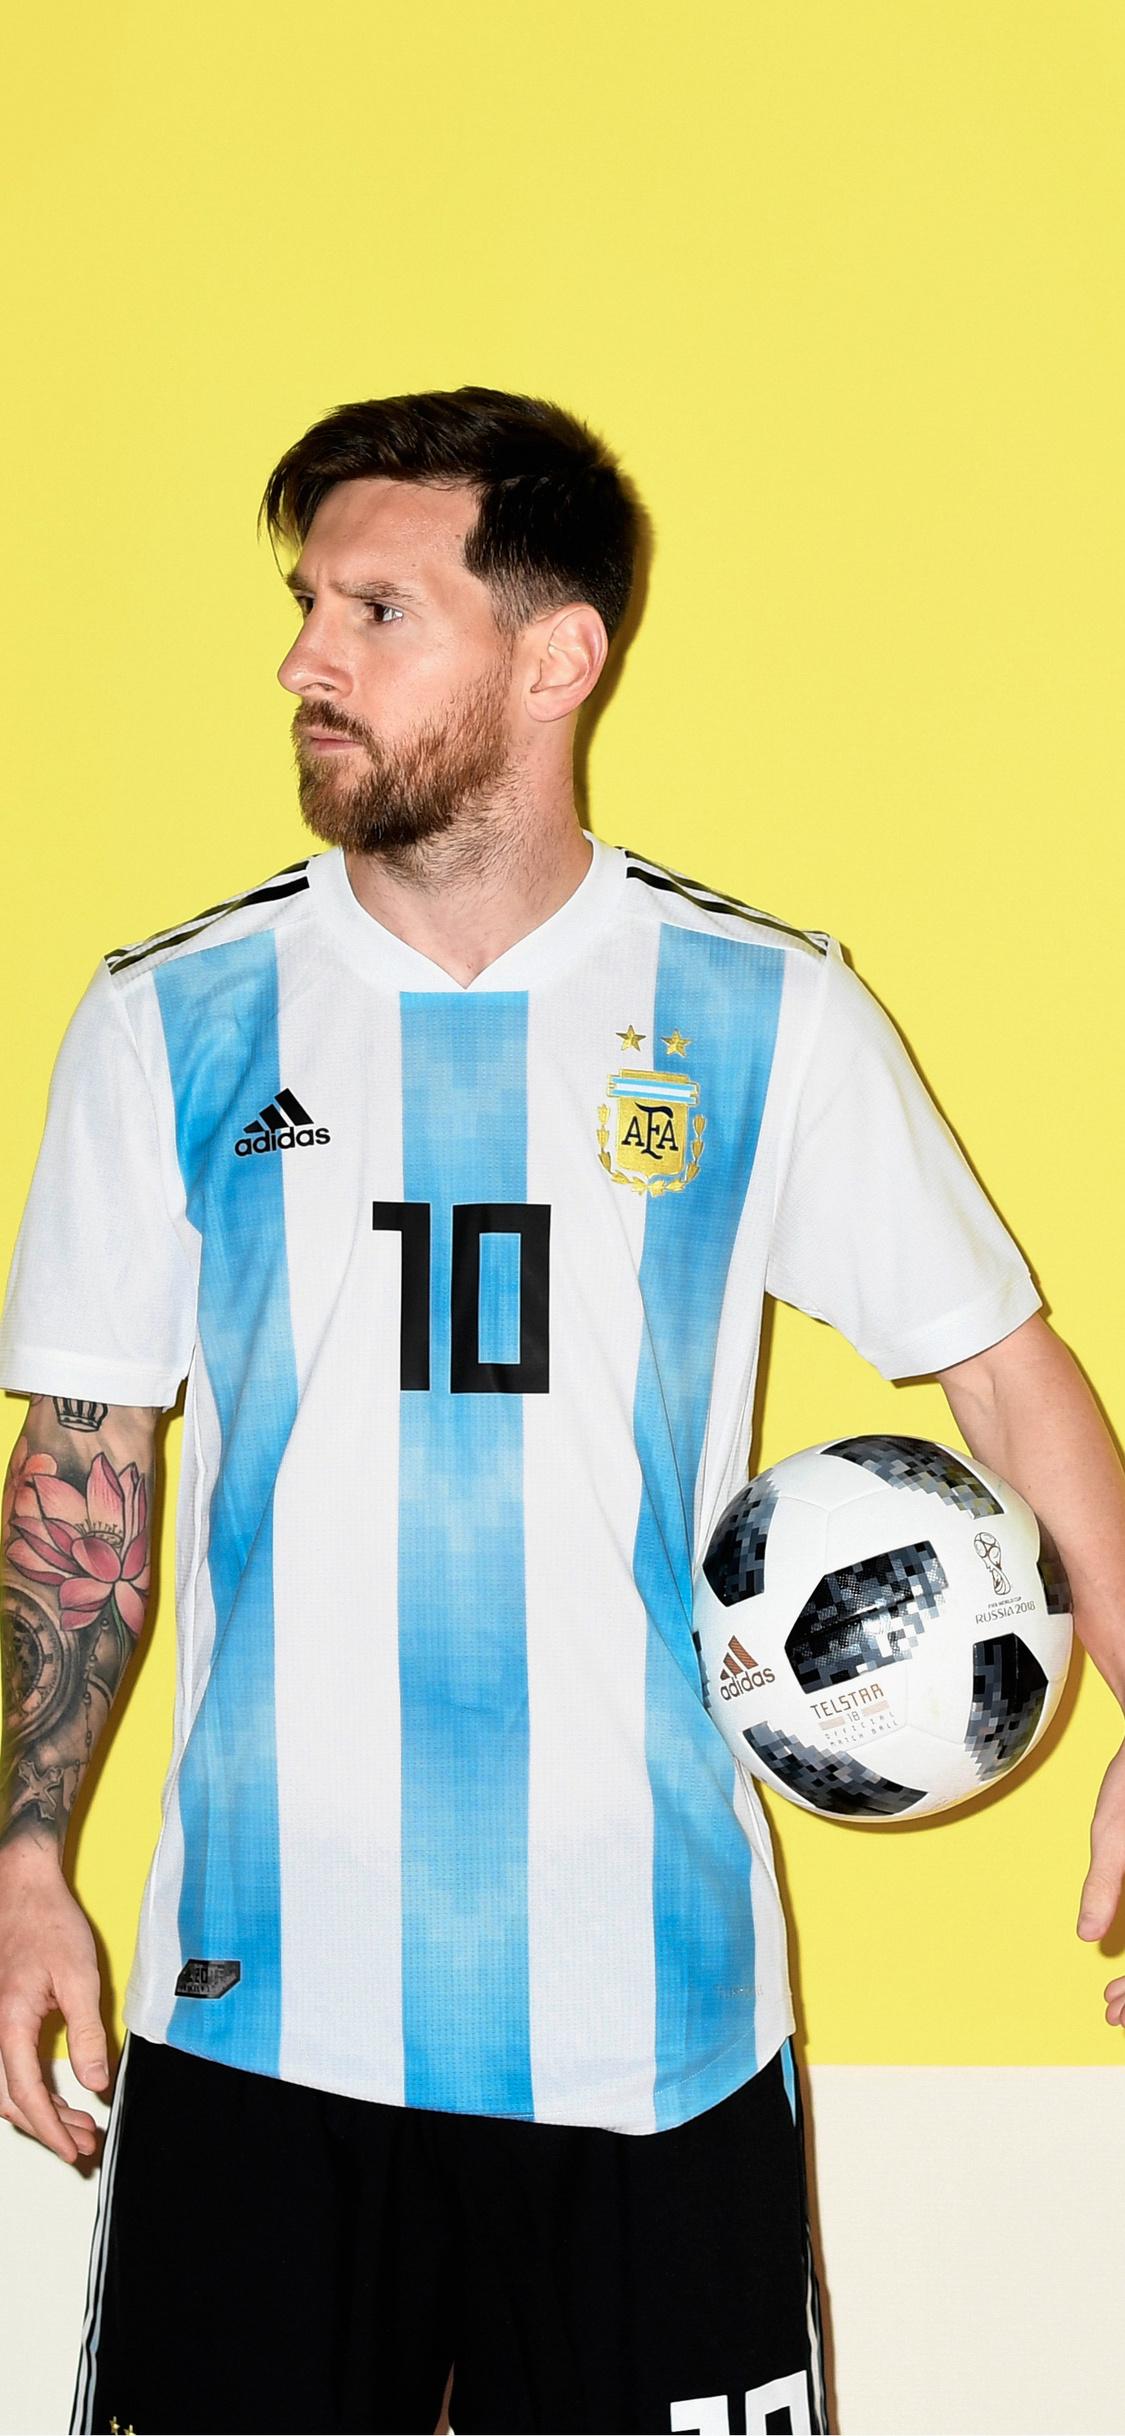 1125x2436 Lionel Messi Argentina Portrait 2018 Iphone Xs